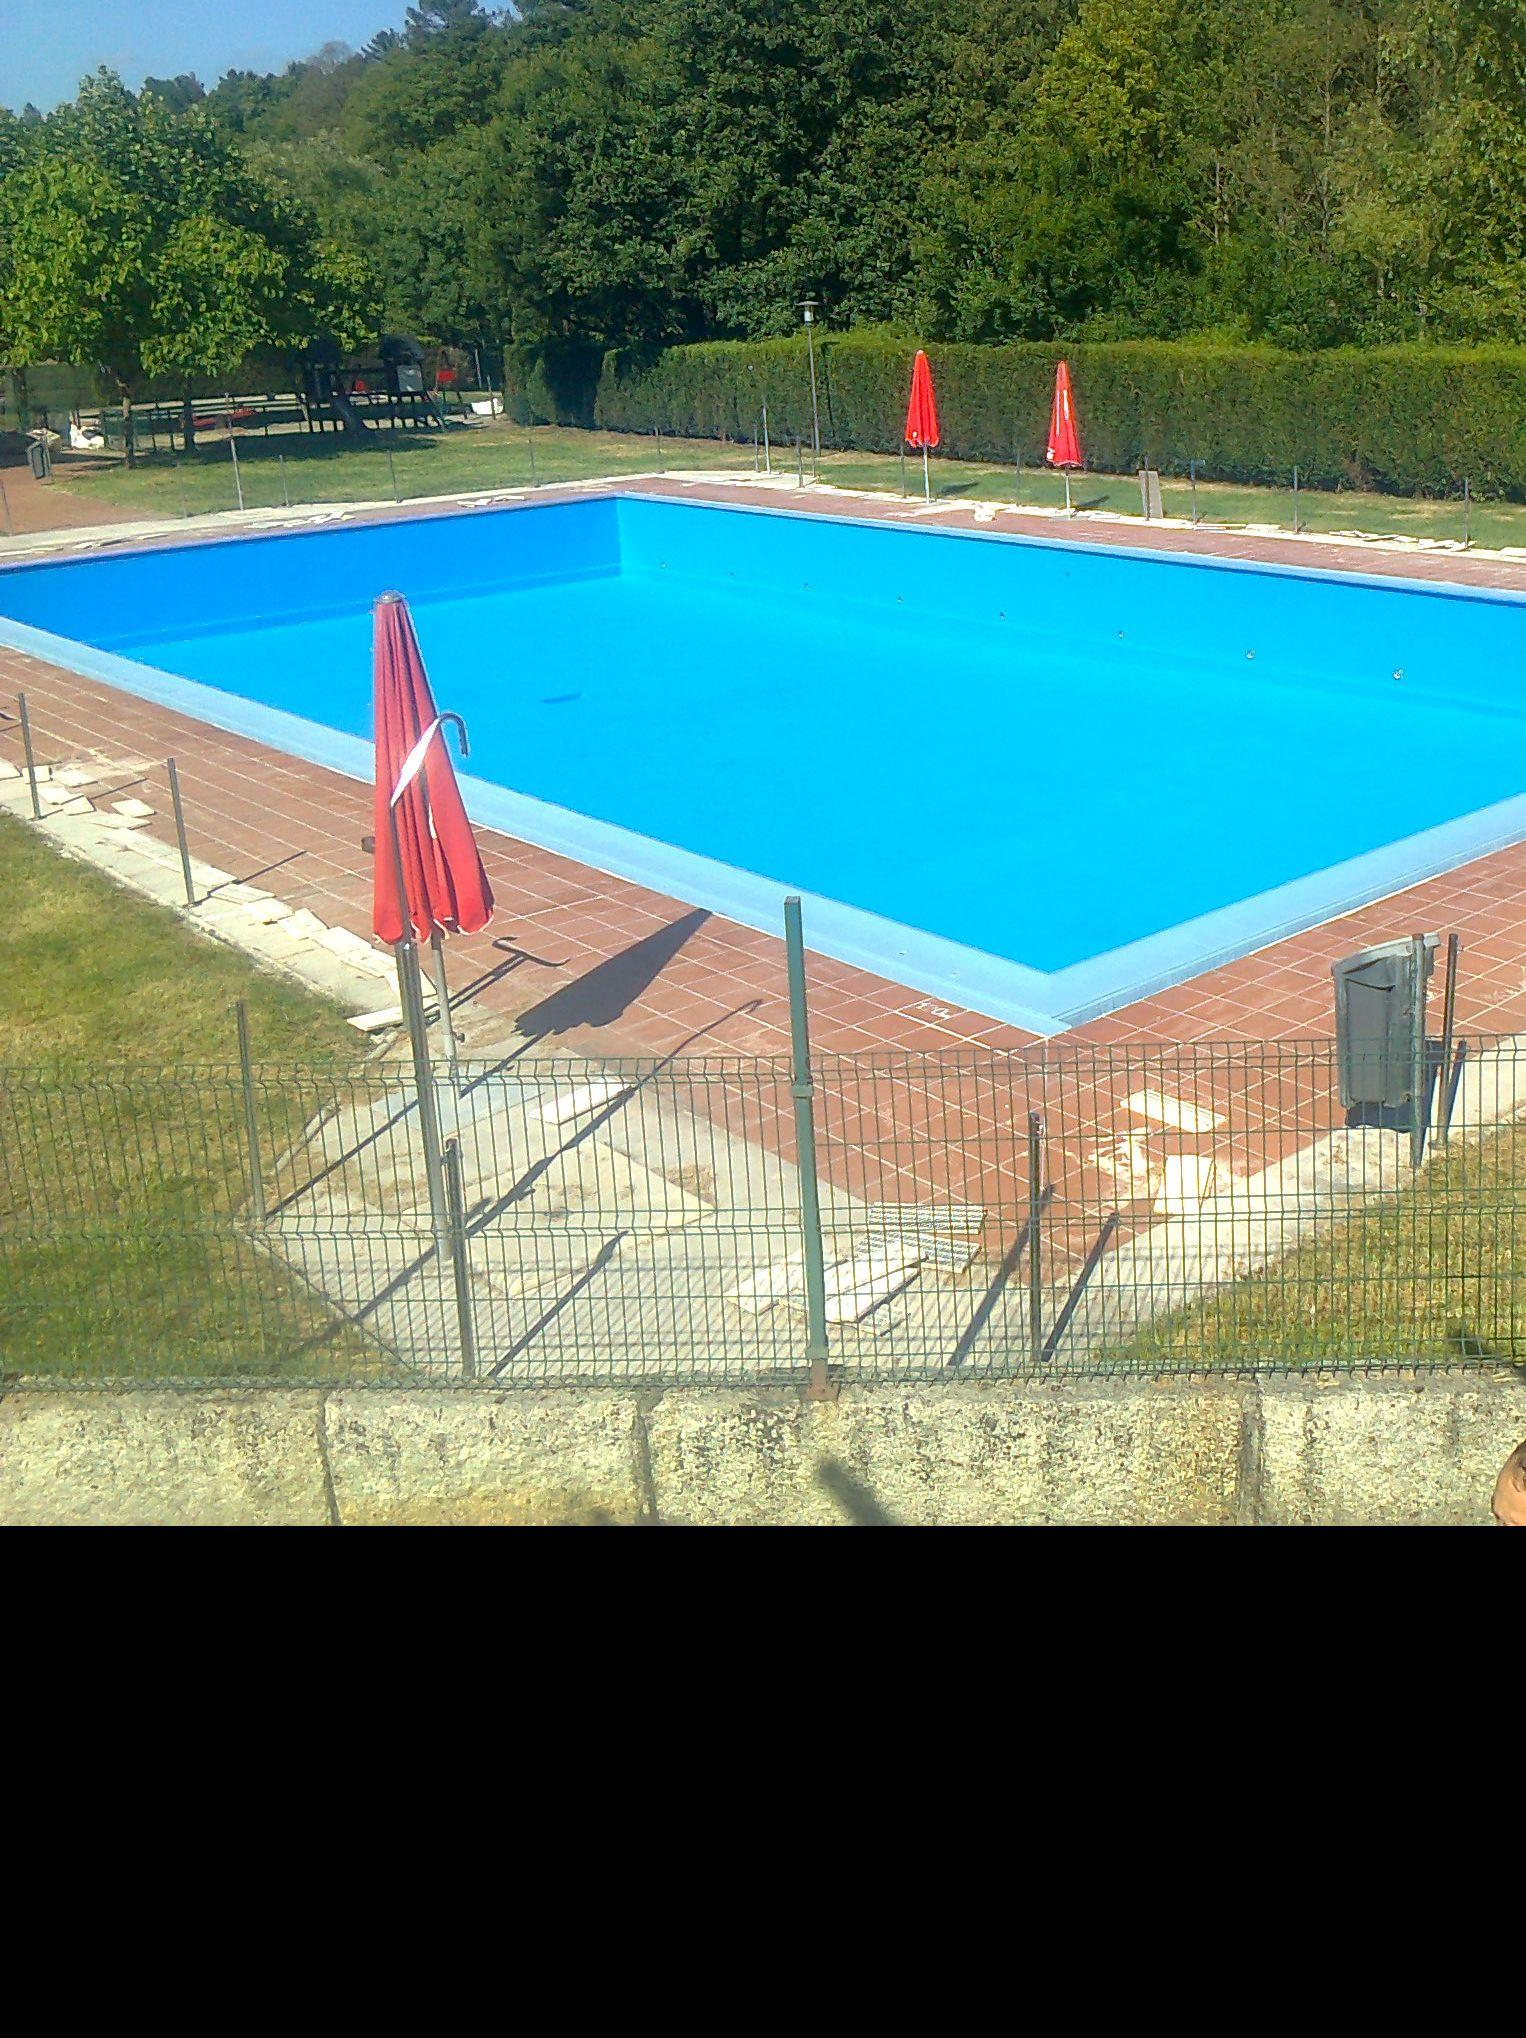 Rehabilitacion de piscina publica con Poliurea. Y retencion del hundimiento del vaso.